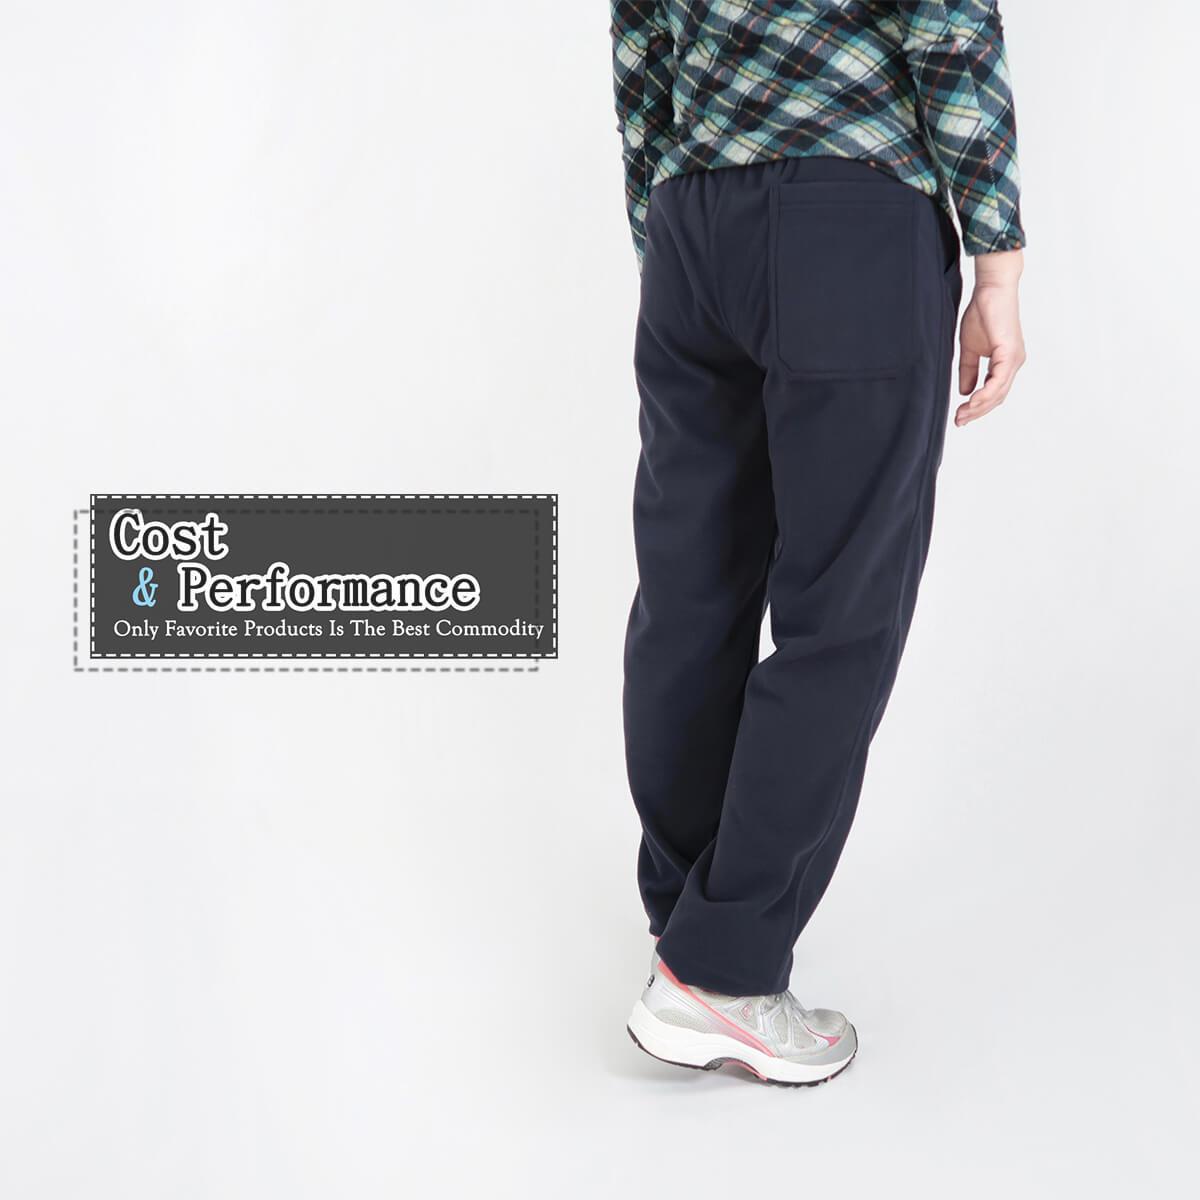 加大尺碼台灣製超細搖粒毛保暖褲 內裡刷毛保暖長褲 保暖棉褲長褲 機能纖維 全腰圍鬆緊帶 一件抵多件 MADE IN TAIWAN WARM FLEECE PANTS FLEECE LINED (020-2805-08)深藍色、(020-2805-19)深咖啡 腰圍M L XL 2L 3L(28~42英吋) 男女可穿 [實體店面保障] sun-e 7